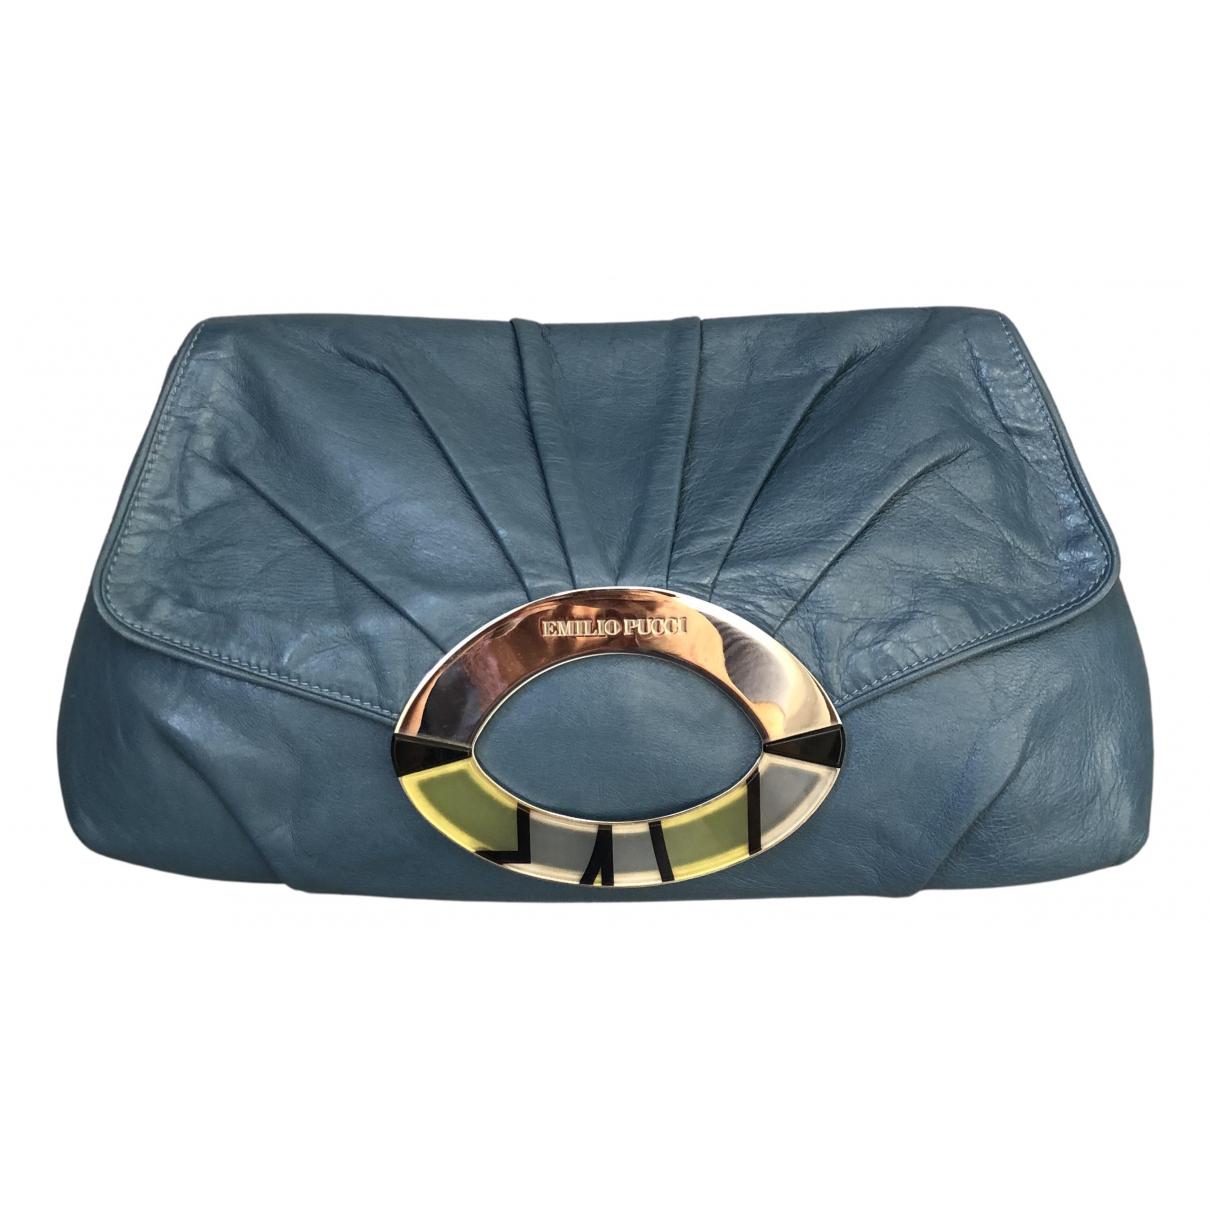 Emilio Pucci - Pochette   pour femme en cuir - bleu